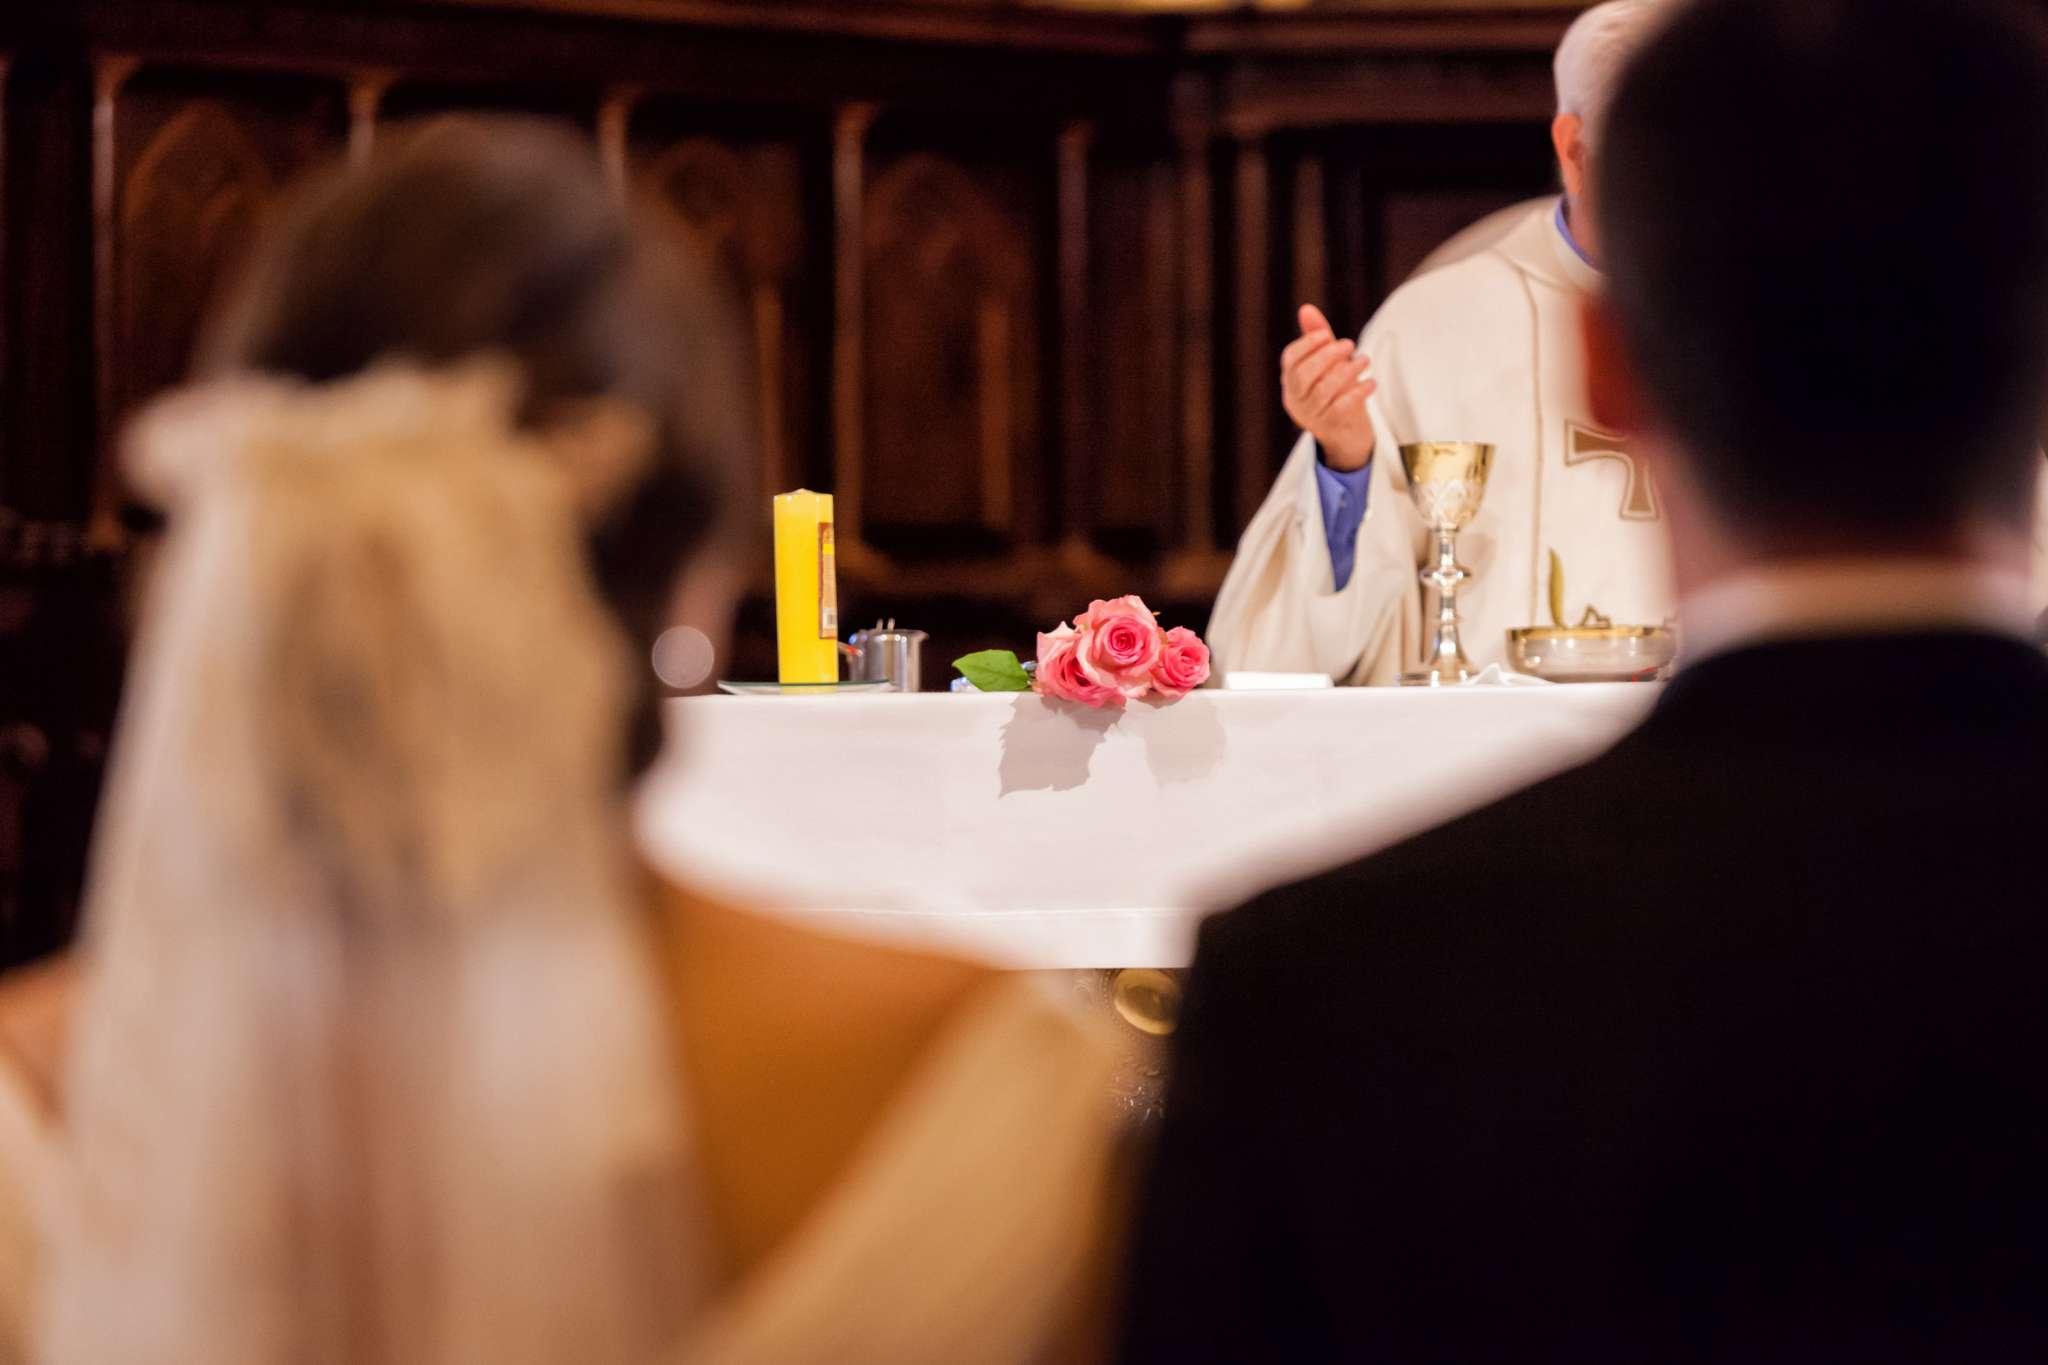 El Evangelio del 3 de octubre tiene como tema central el matrimonio. La unión del hombre y la mujer ha sido bendecida y santificada por Dios.